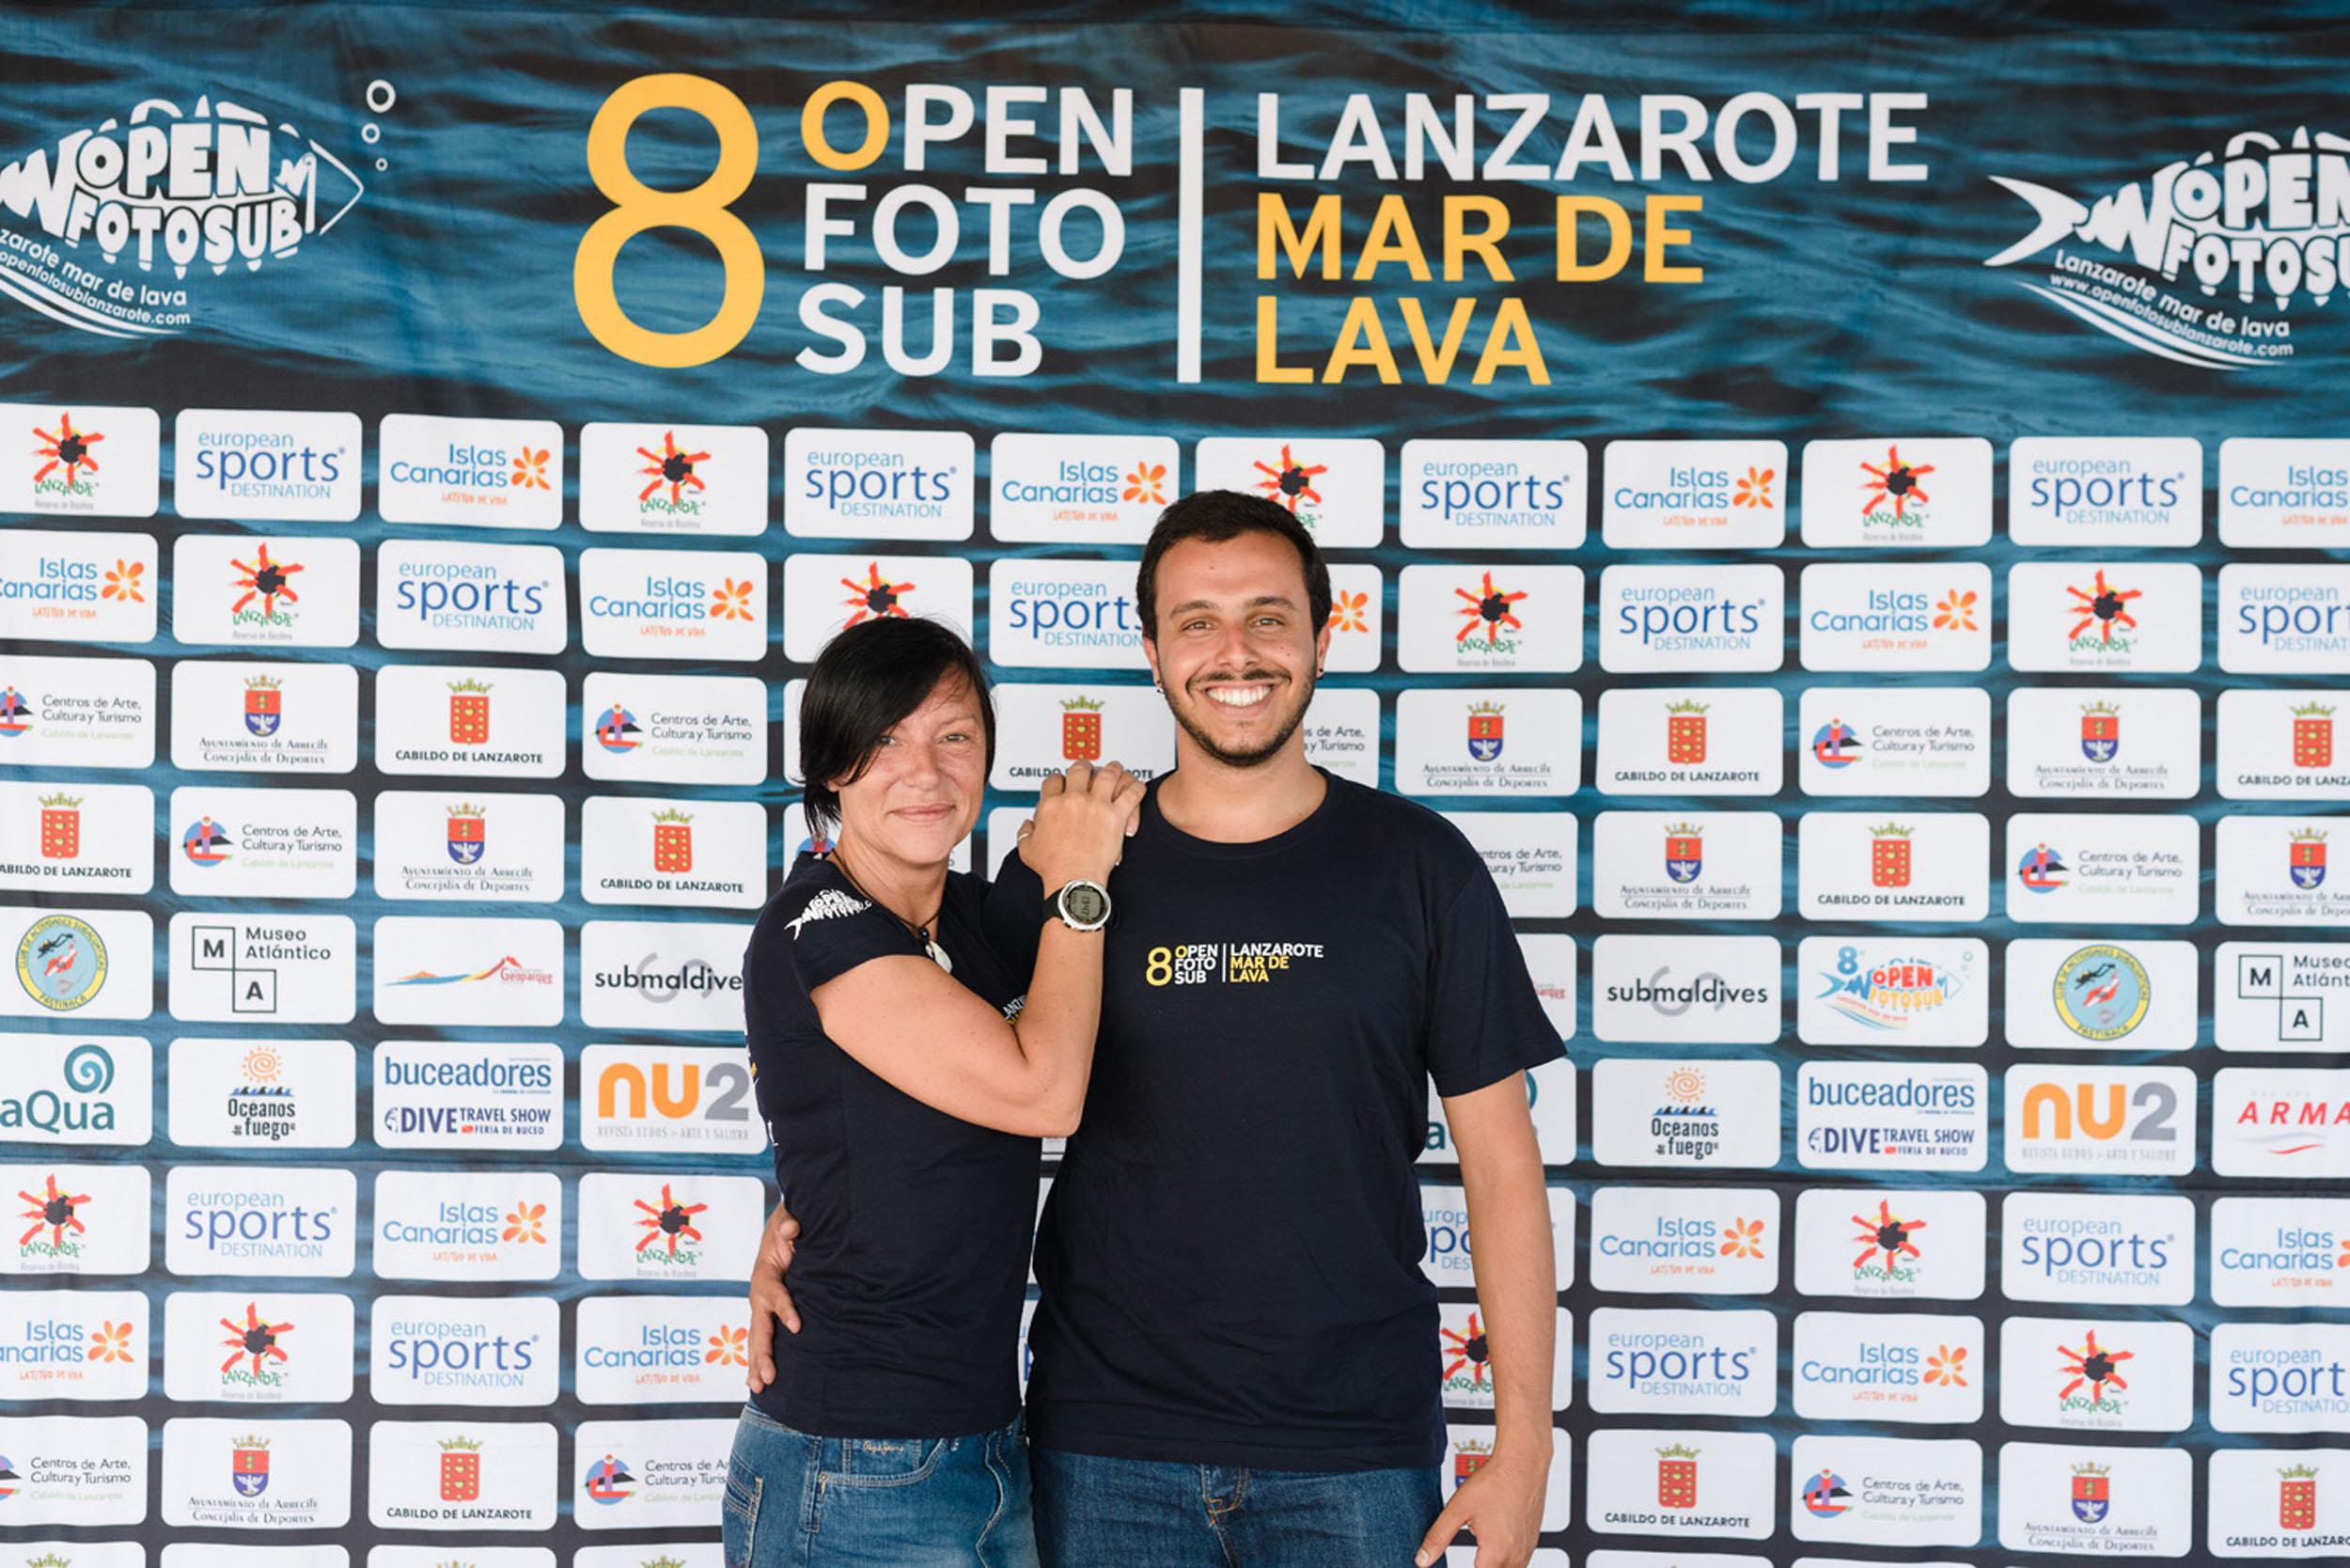 Participantes 14.jpg